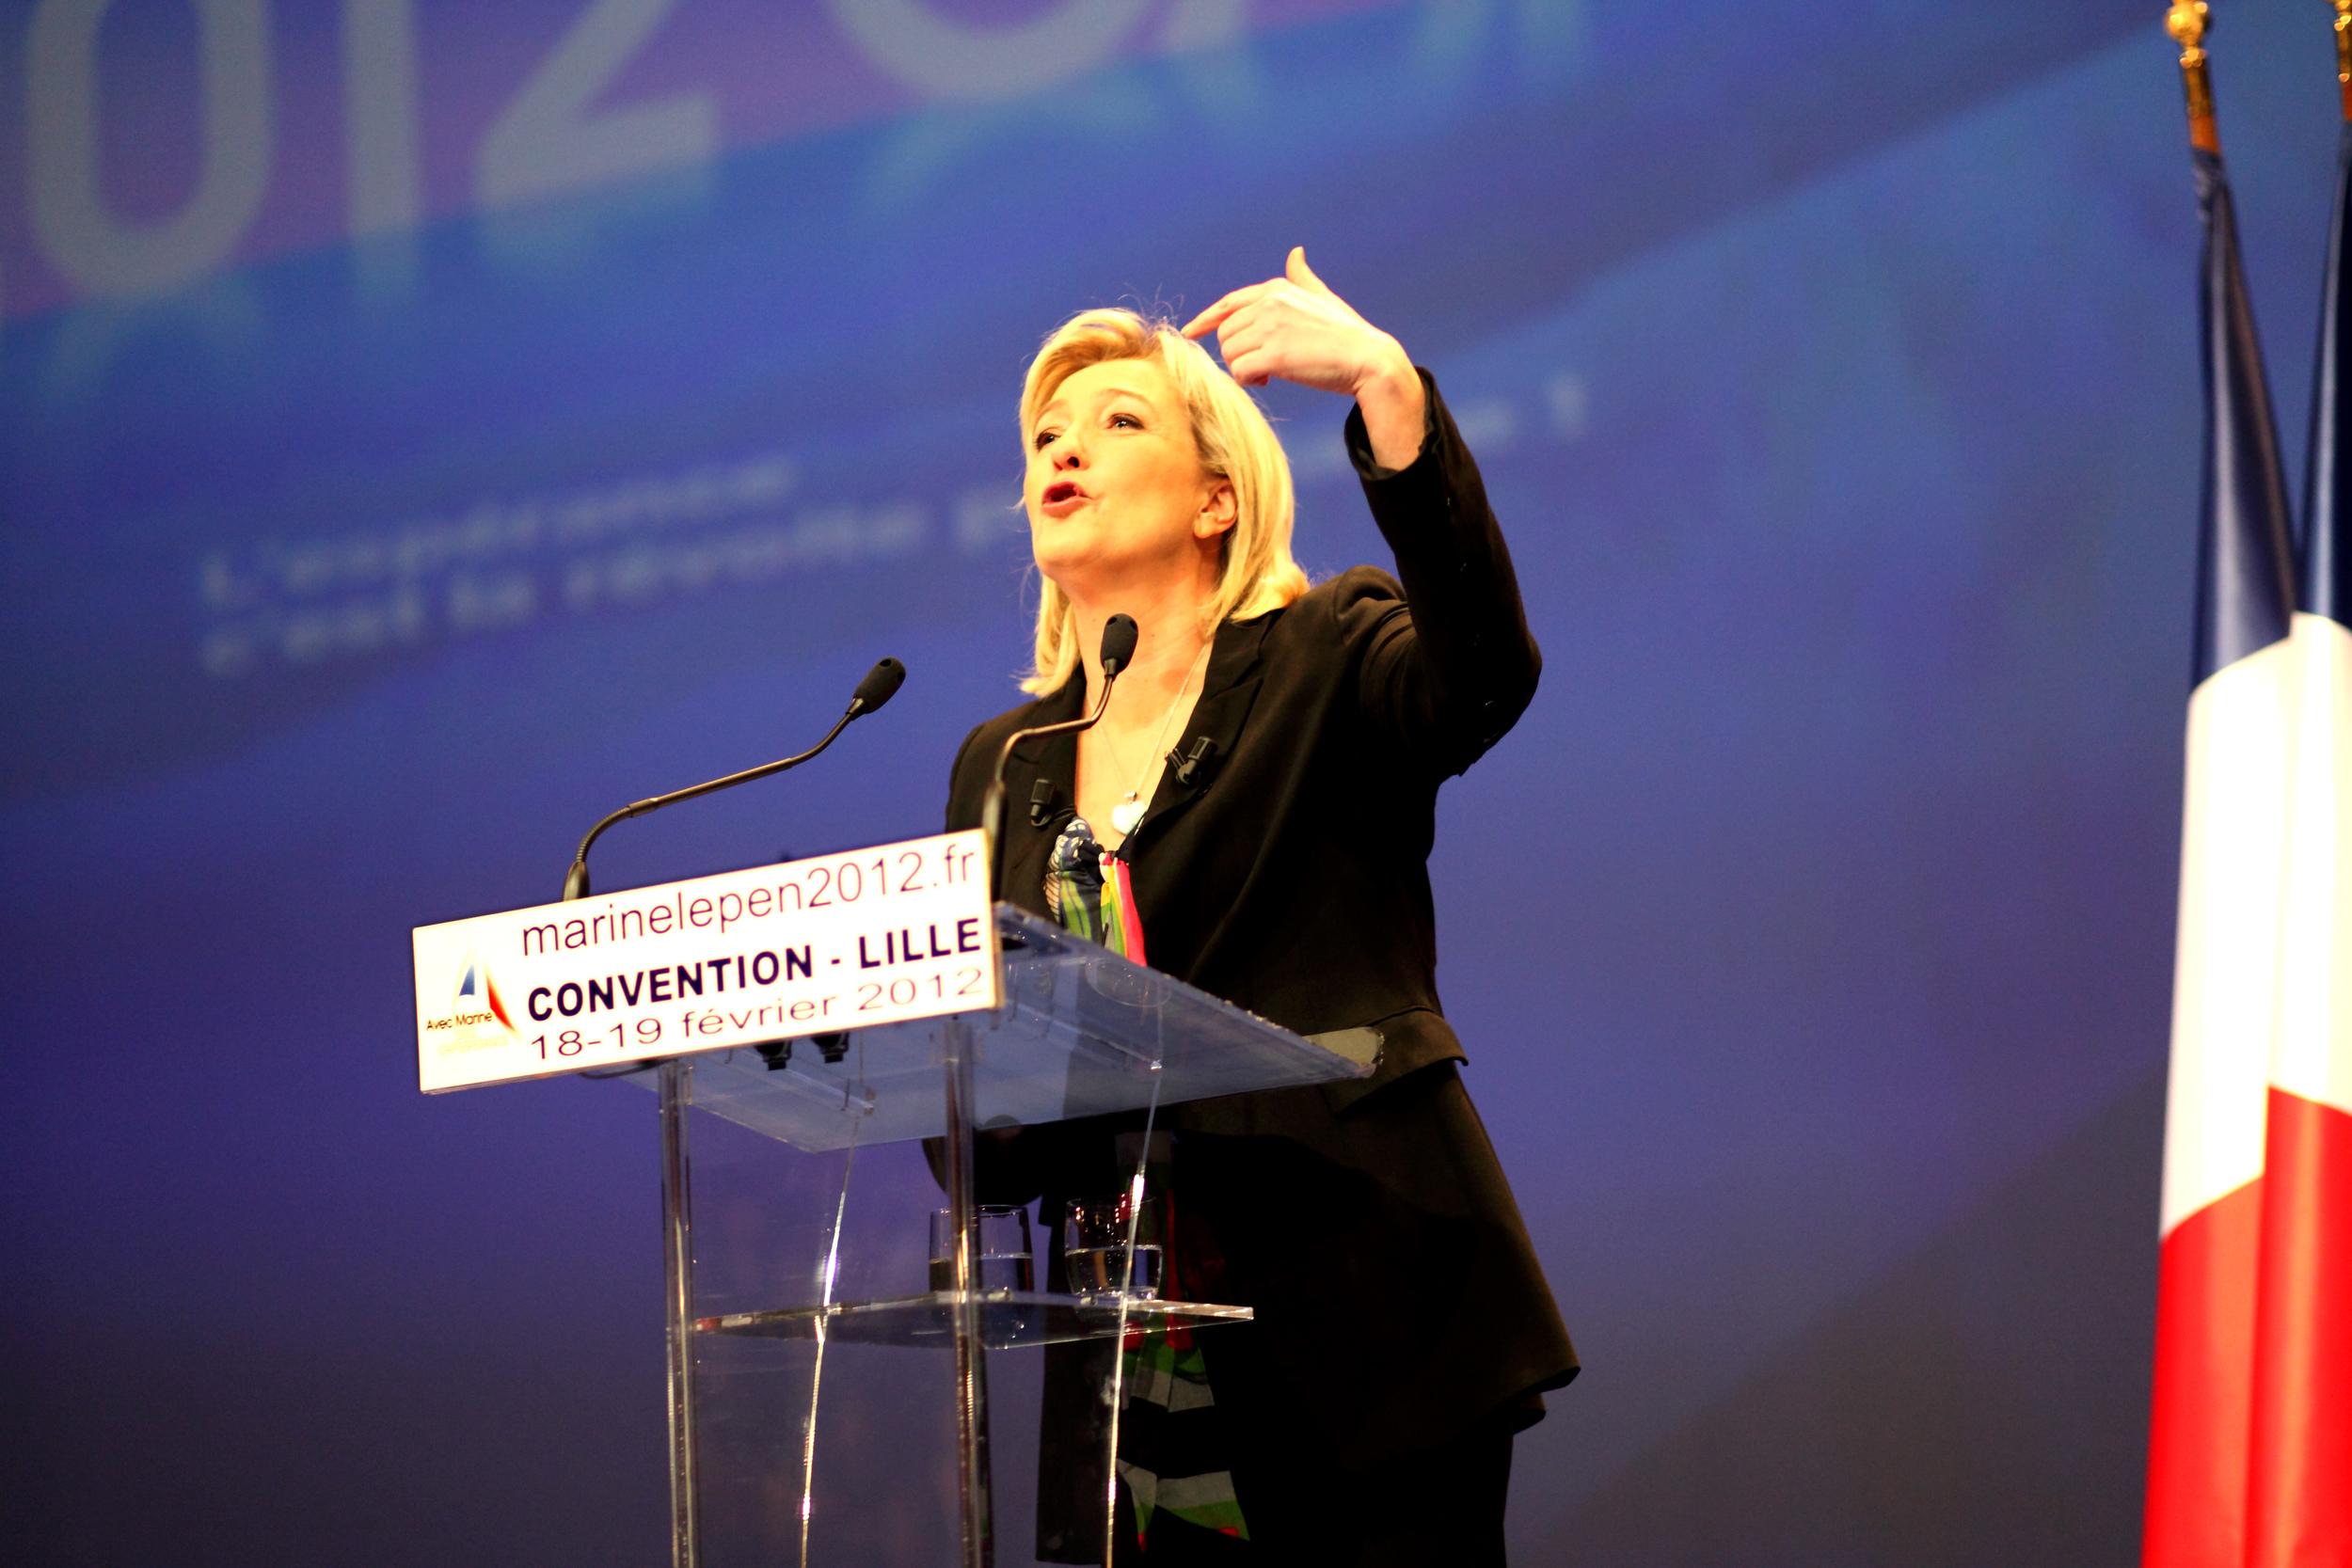 Reportage pendant les présidentielles 2012. Meeting de Marine Le Pen à Lille le 19 février 2012.